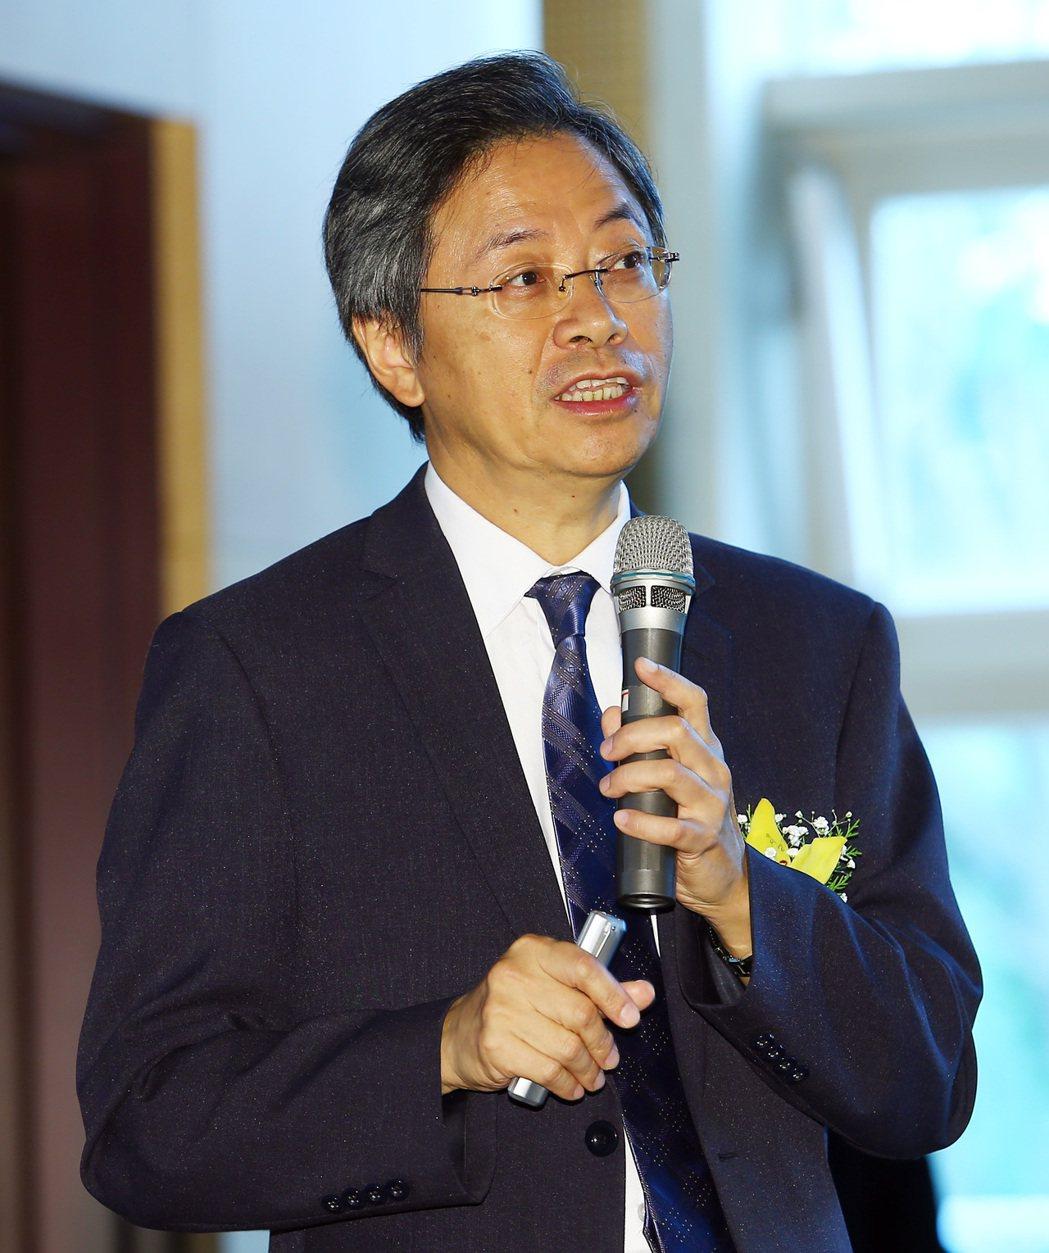 行政院前院長張善政以「大數據的推動策略」為題發表演說。記者杜建重/攝影